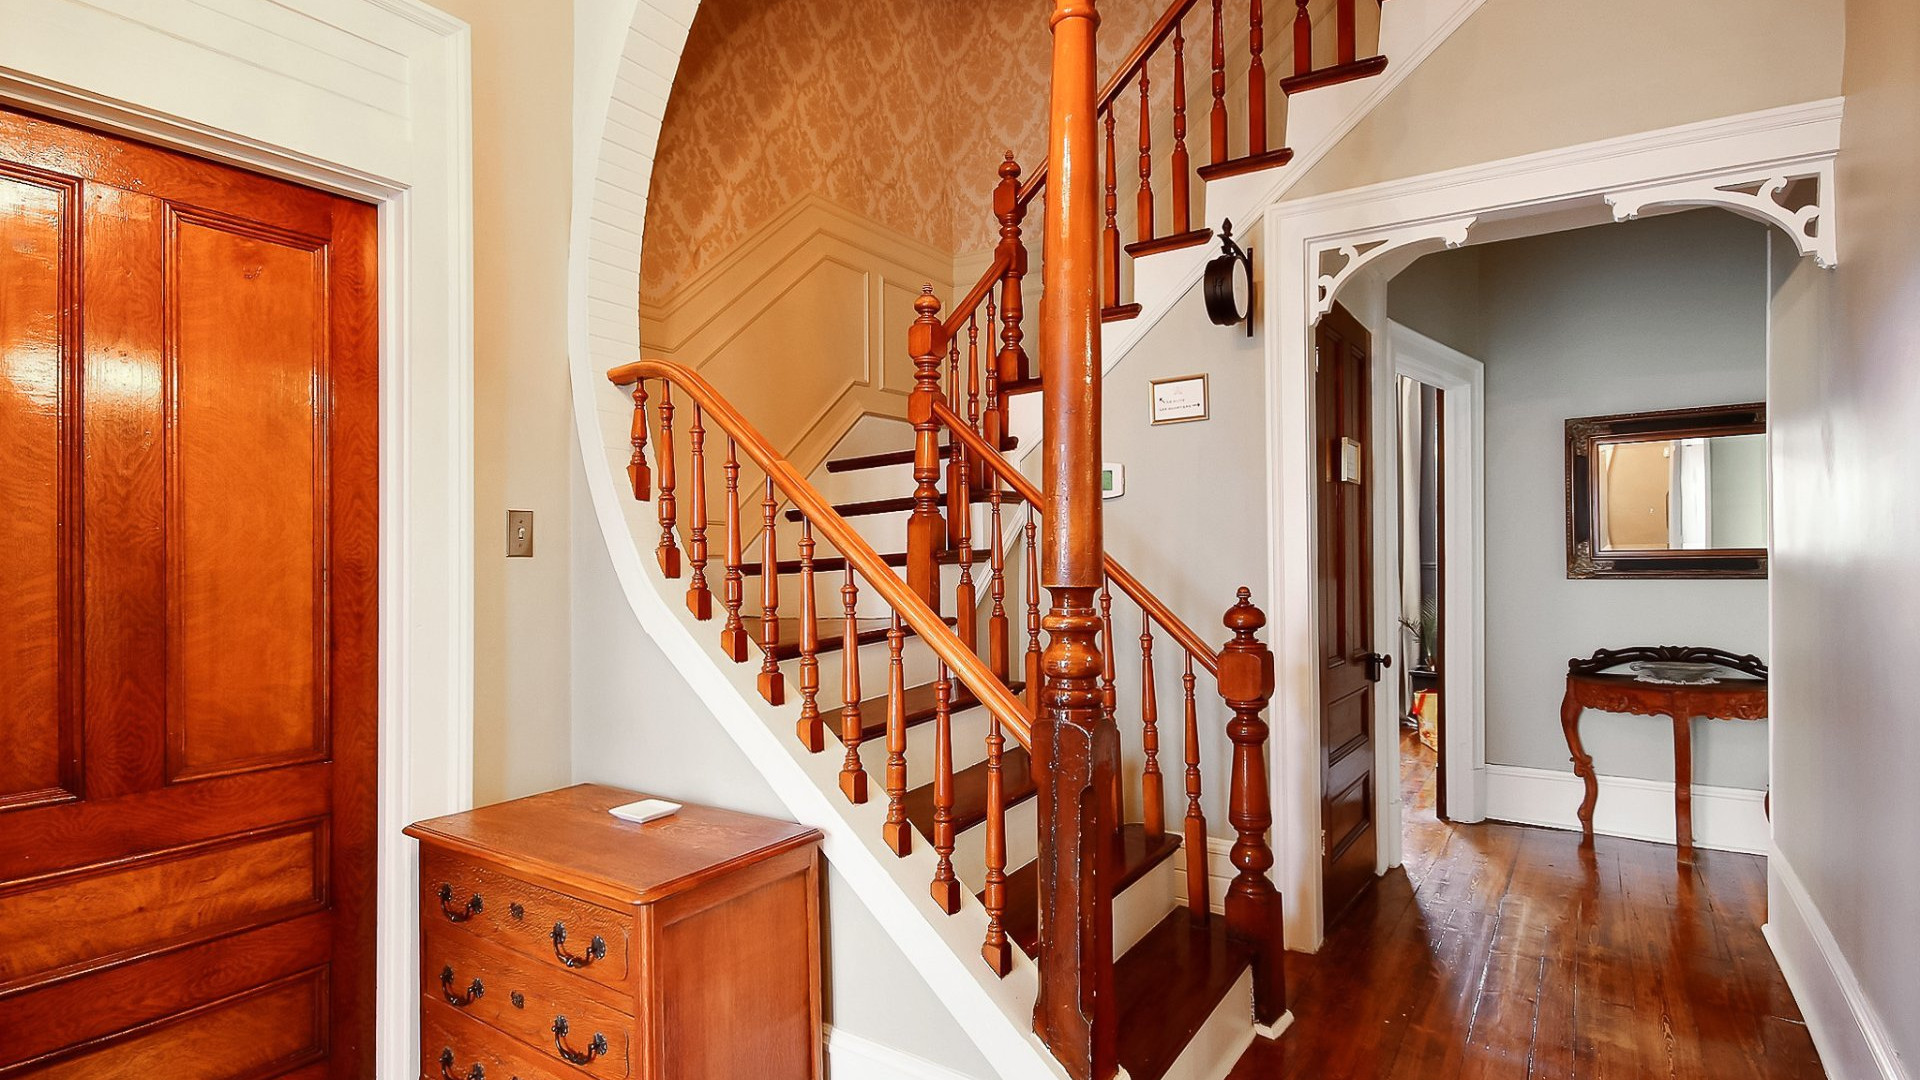 Escalier vers la suite